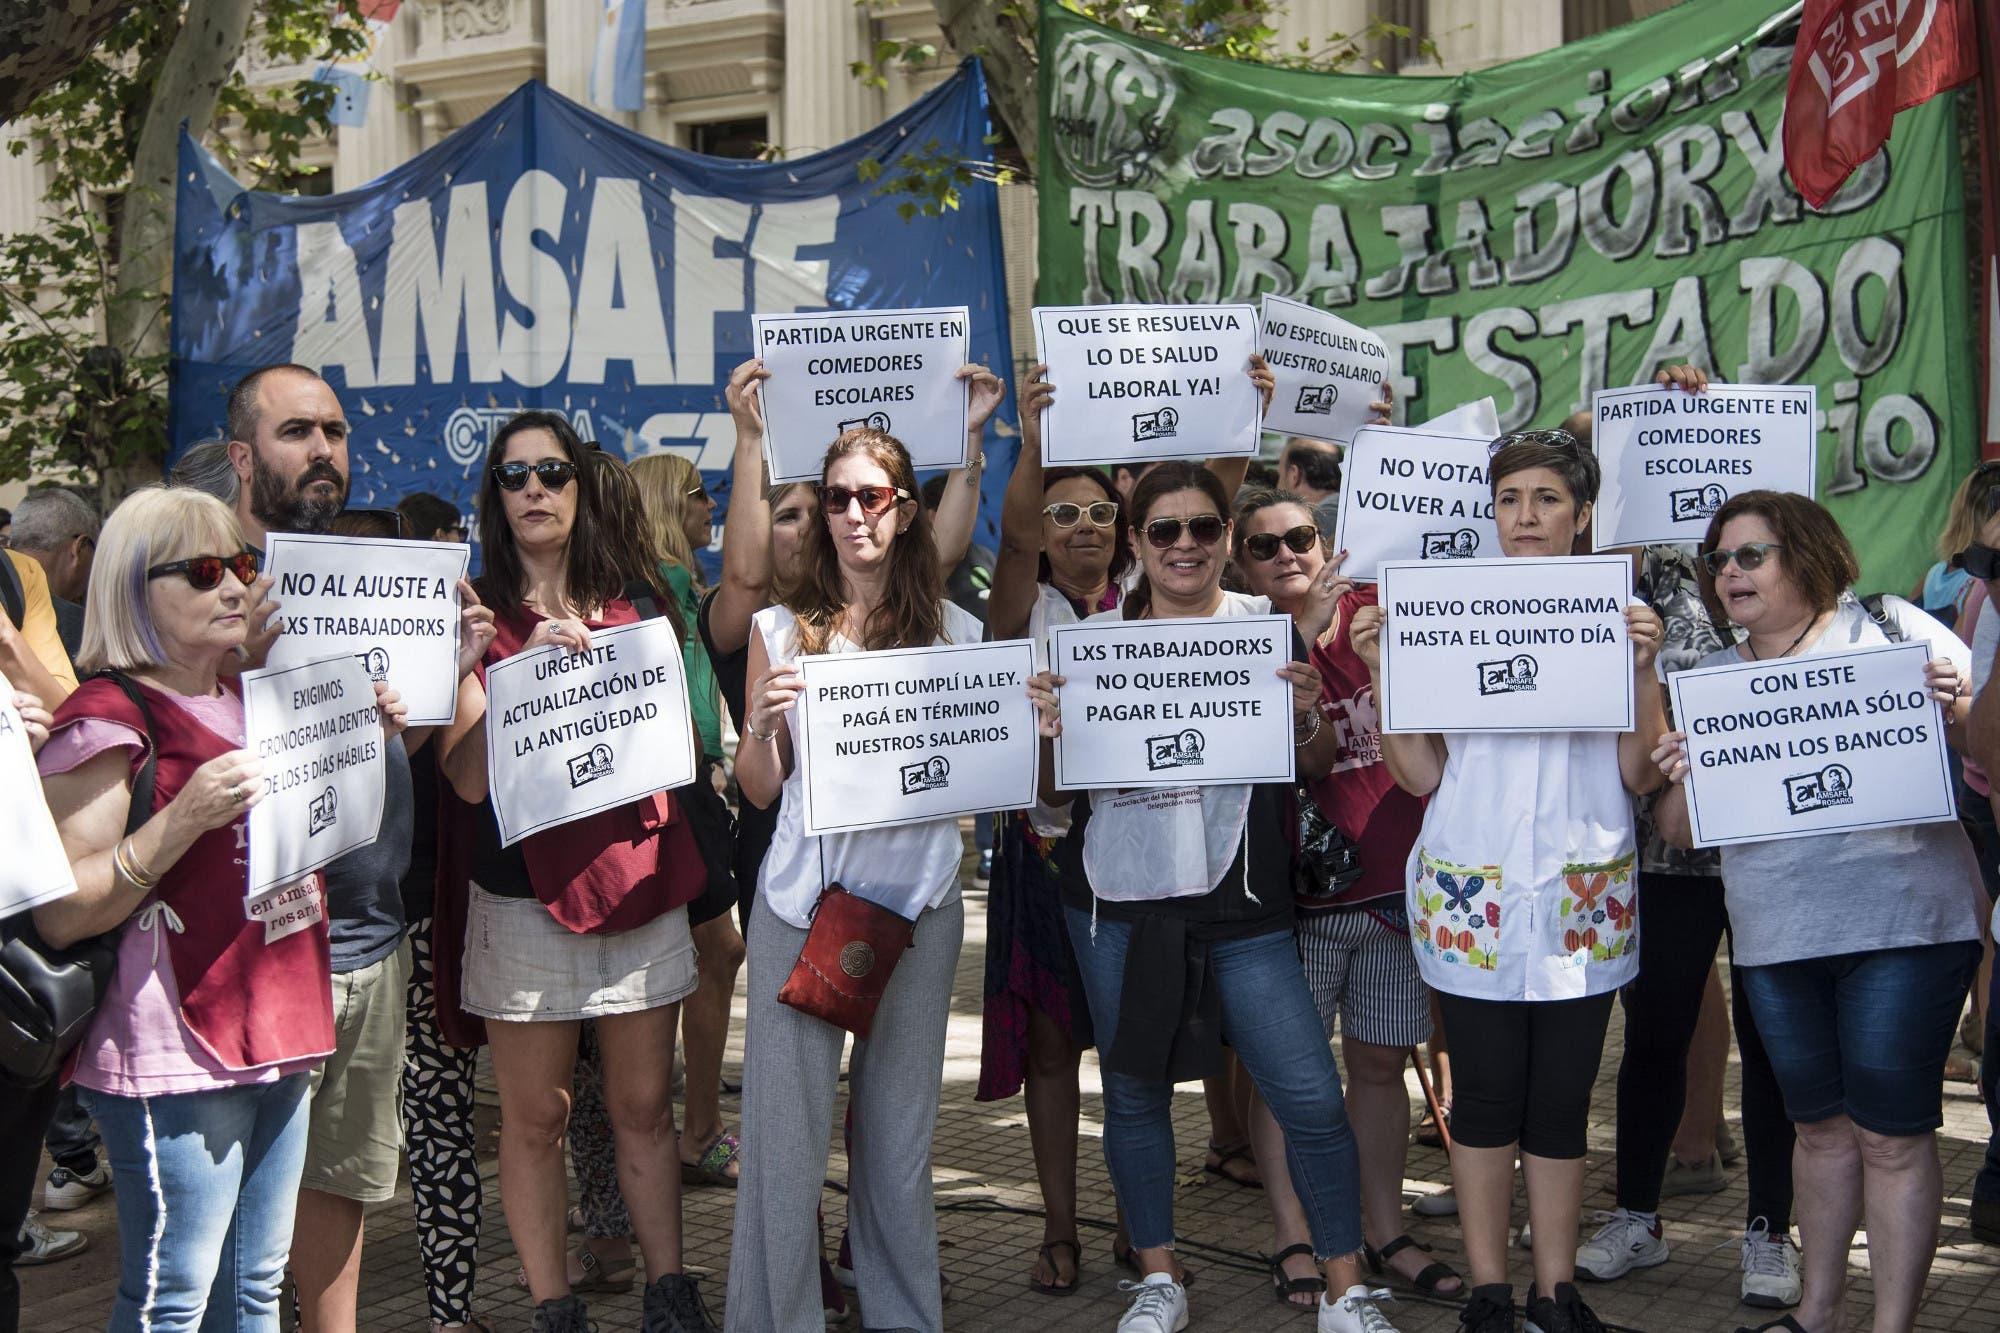 Santa Fe: hubo incidentes en la casa del gobernador Perotti en una marcha en reclamo por seguridad